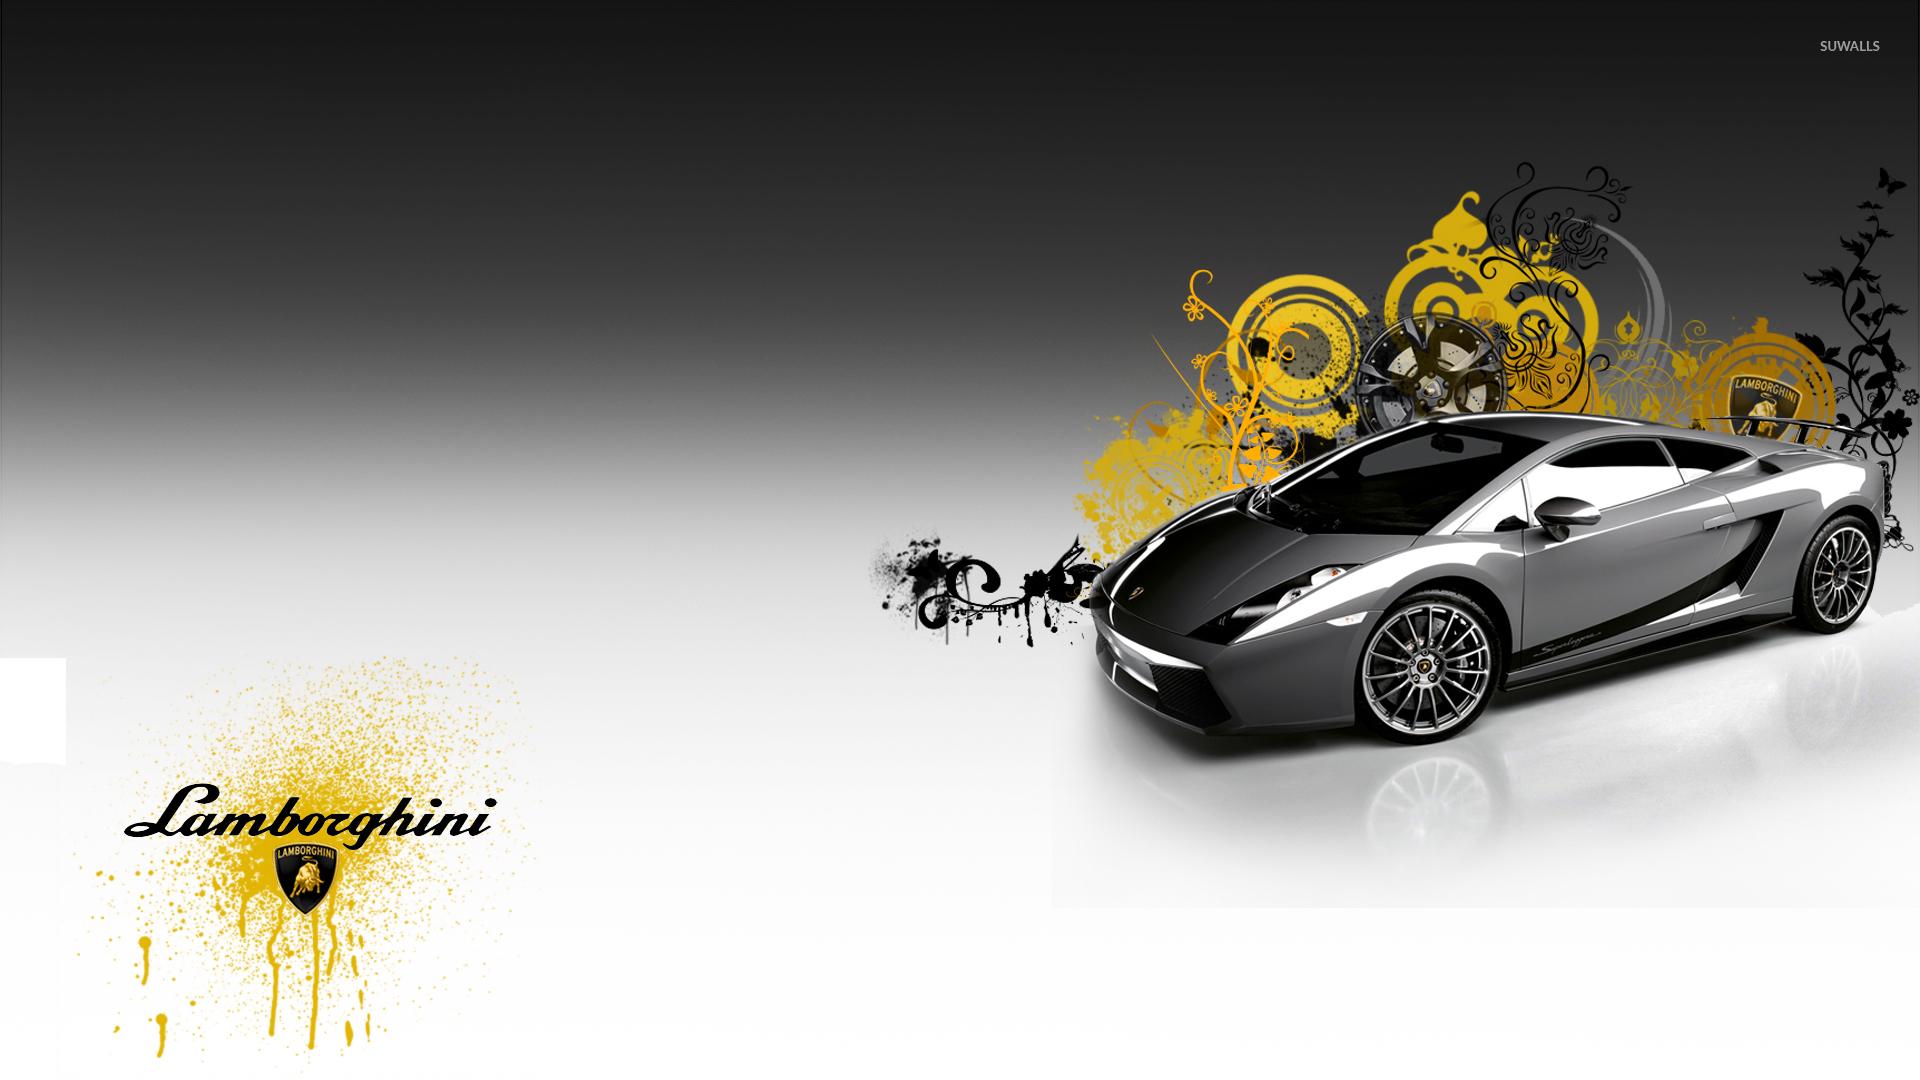 lamborghini gallardo wallpaper 1920x1080 jpg - Lamborghini Gallardo Superleggera Wallpaper